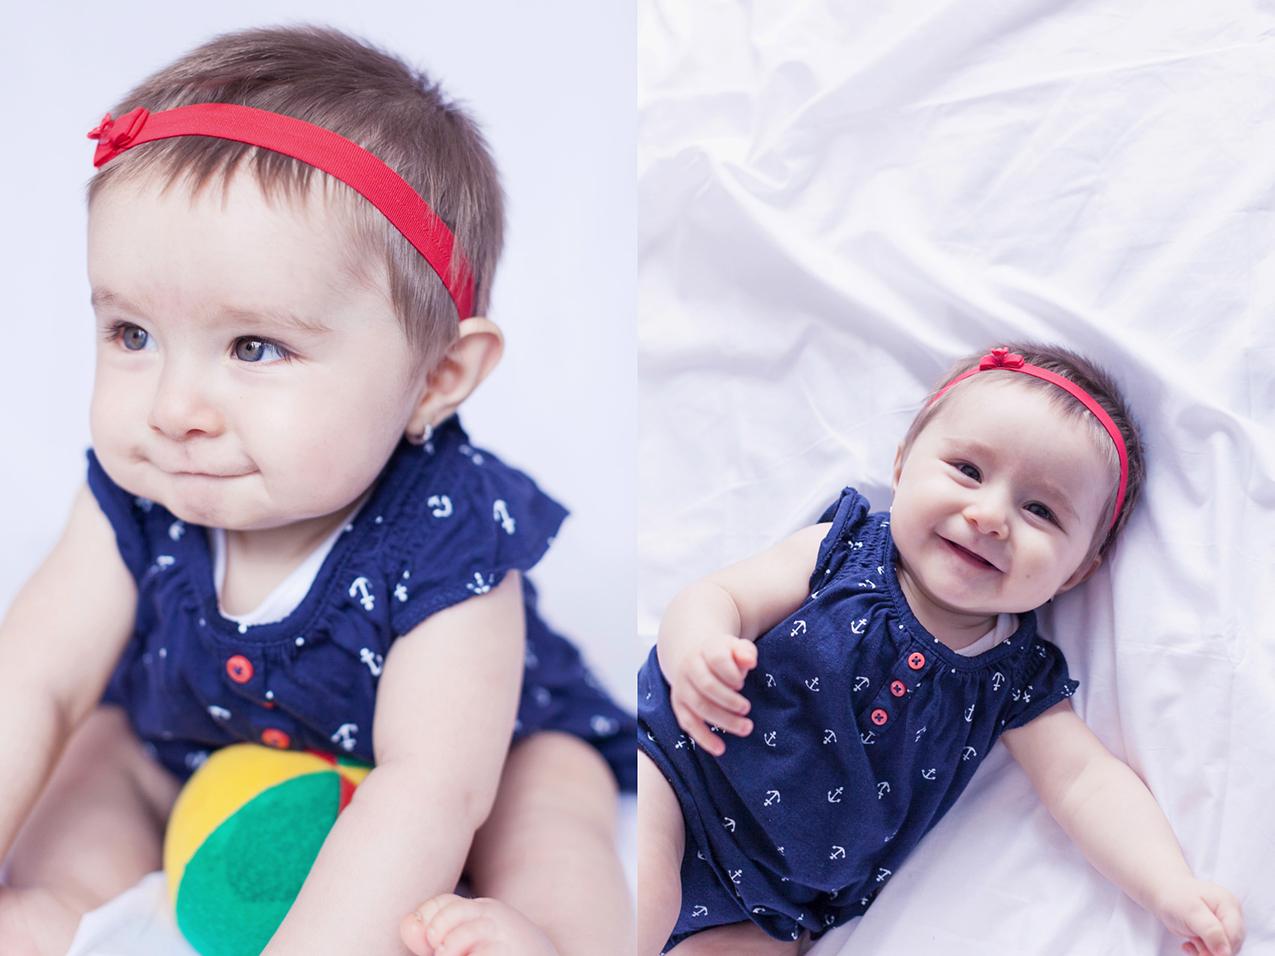 34fotografia-de-niños-bebes-recien-nacido-embarazo-retratos.jpg